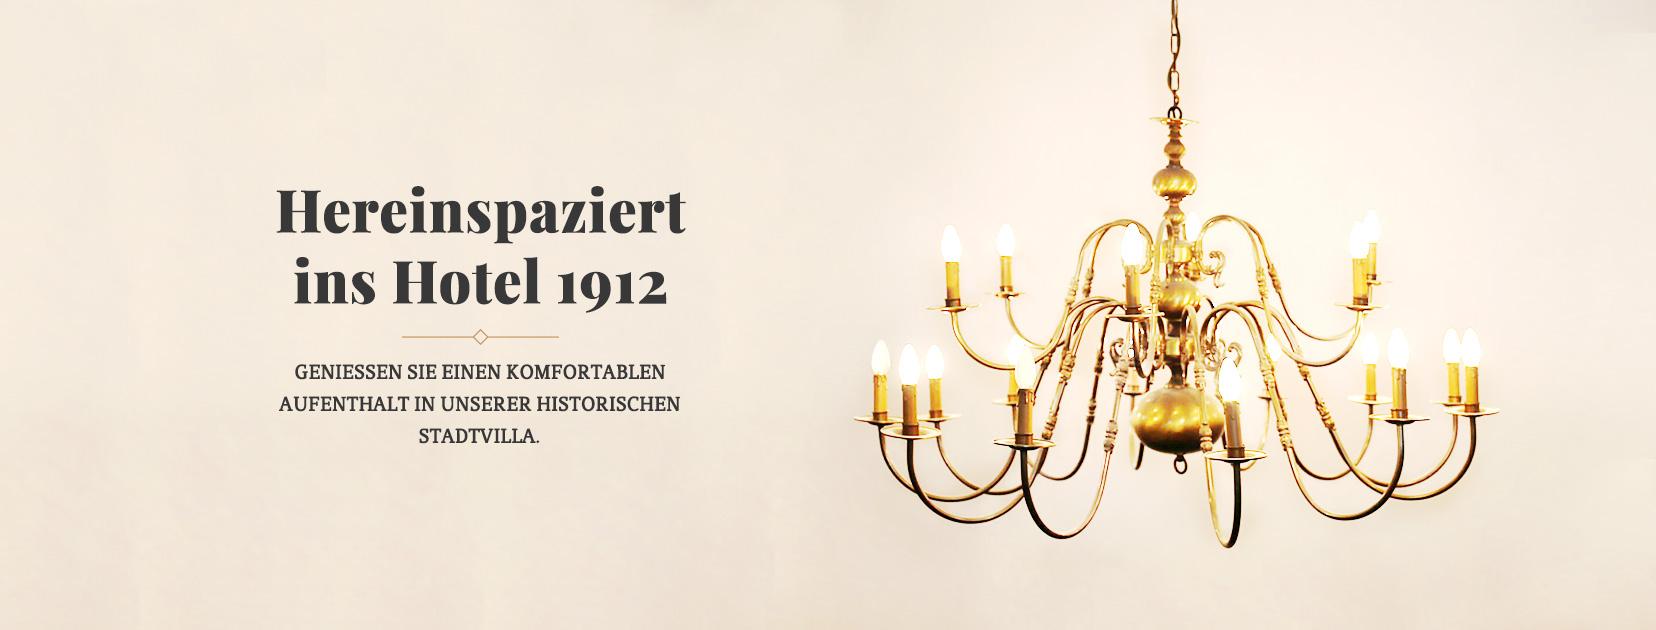 1912-Hotel-Social-Media-Banner_01